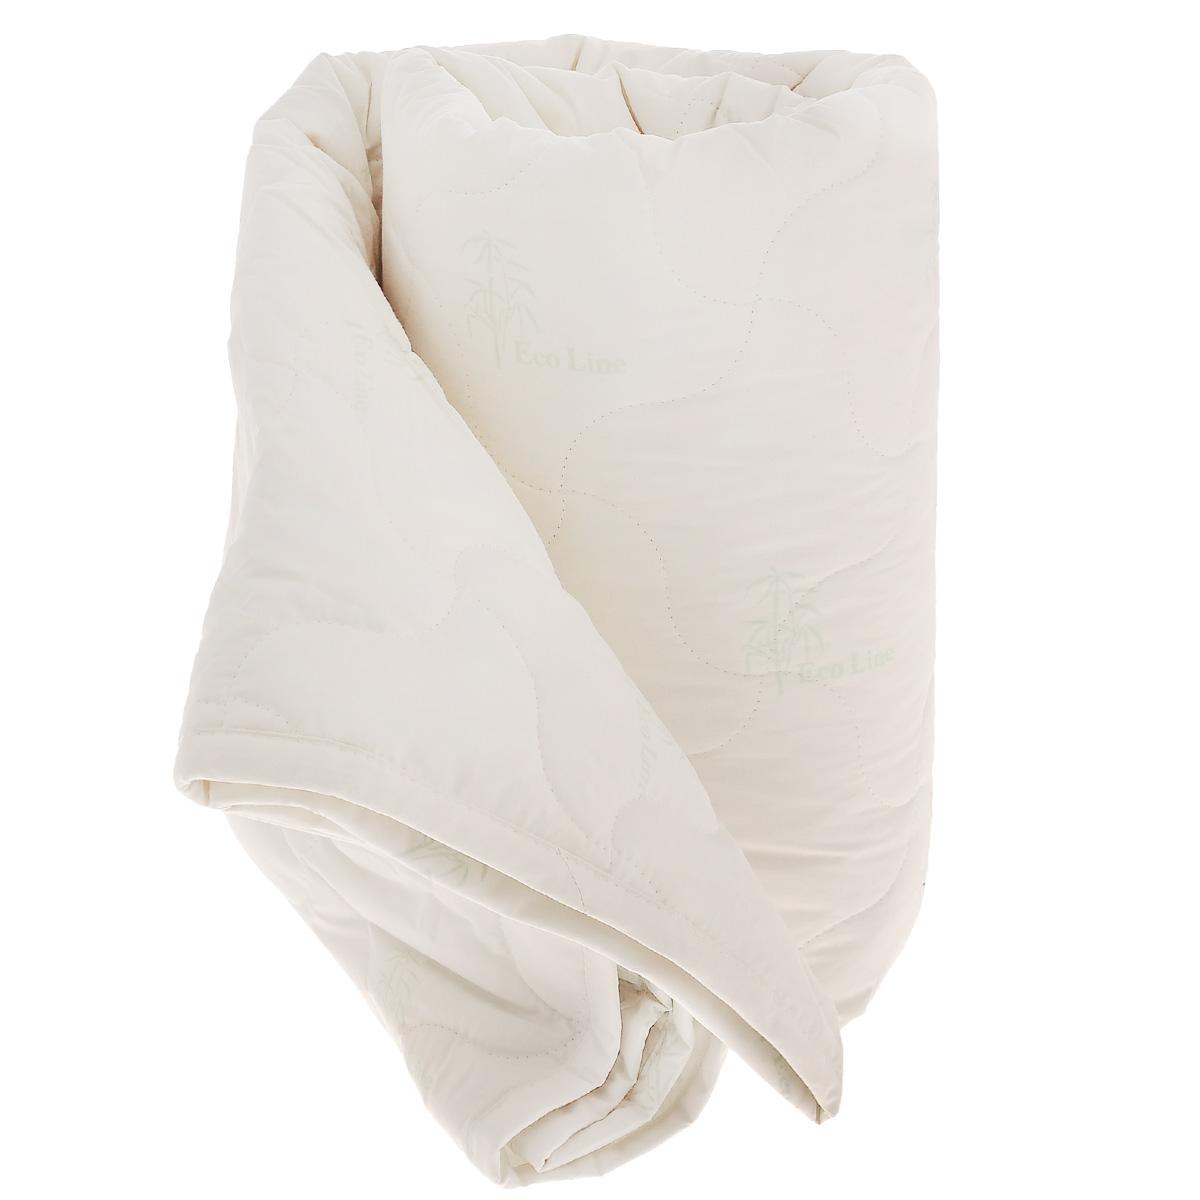 Одеяло La Prima Бамбук, наполнитель: бамбук, полиэфирное волокно, цвет: бежевый, 170 х 205 см1012/0222814/100Одеяло La Prima Бамбук - лучшим выбором для комфортного и здорового сна и отдыха. Чехол выполнен из 100% хлопка - тика ECO Line. Наполнитель - бамбуковое волокно. Бамбуковое волокно - натуральный растительный наполнитель, обеспечивающий комфорт и здоровый сон. Уникальная пористая структура волокна позволяет свободно дышать - создает эффект свежести во время сна. Одеяло обладает естественными антибактериальными свойствами, успокаивает и восстанавливает во время сна, гипоаллергенно. Материал чехла: 100% хлопок. Наполнитель: 40% бамбук, 60% полиэфирное волокно. Размер: 170 см х 205 см.